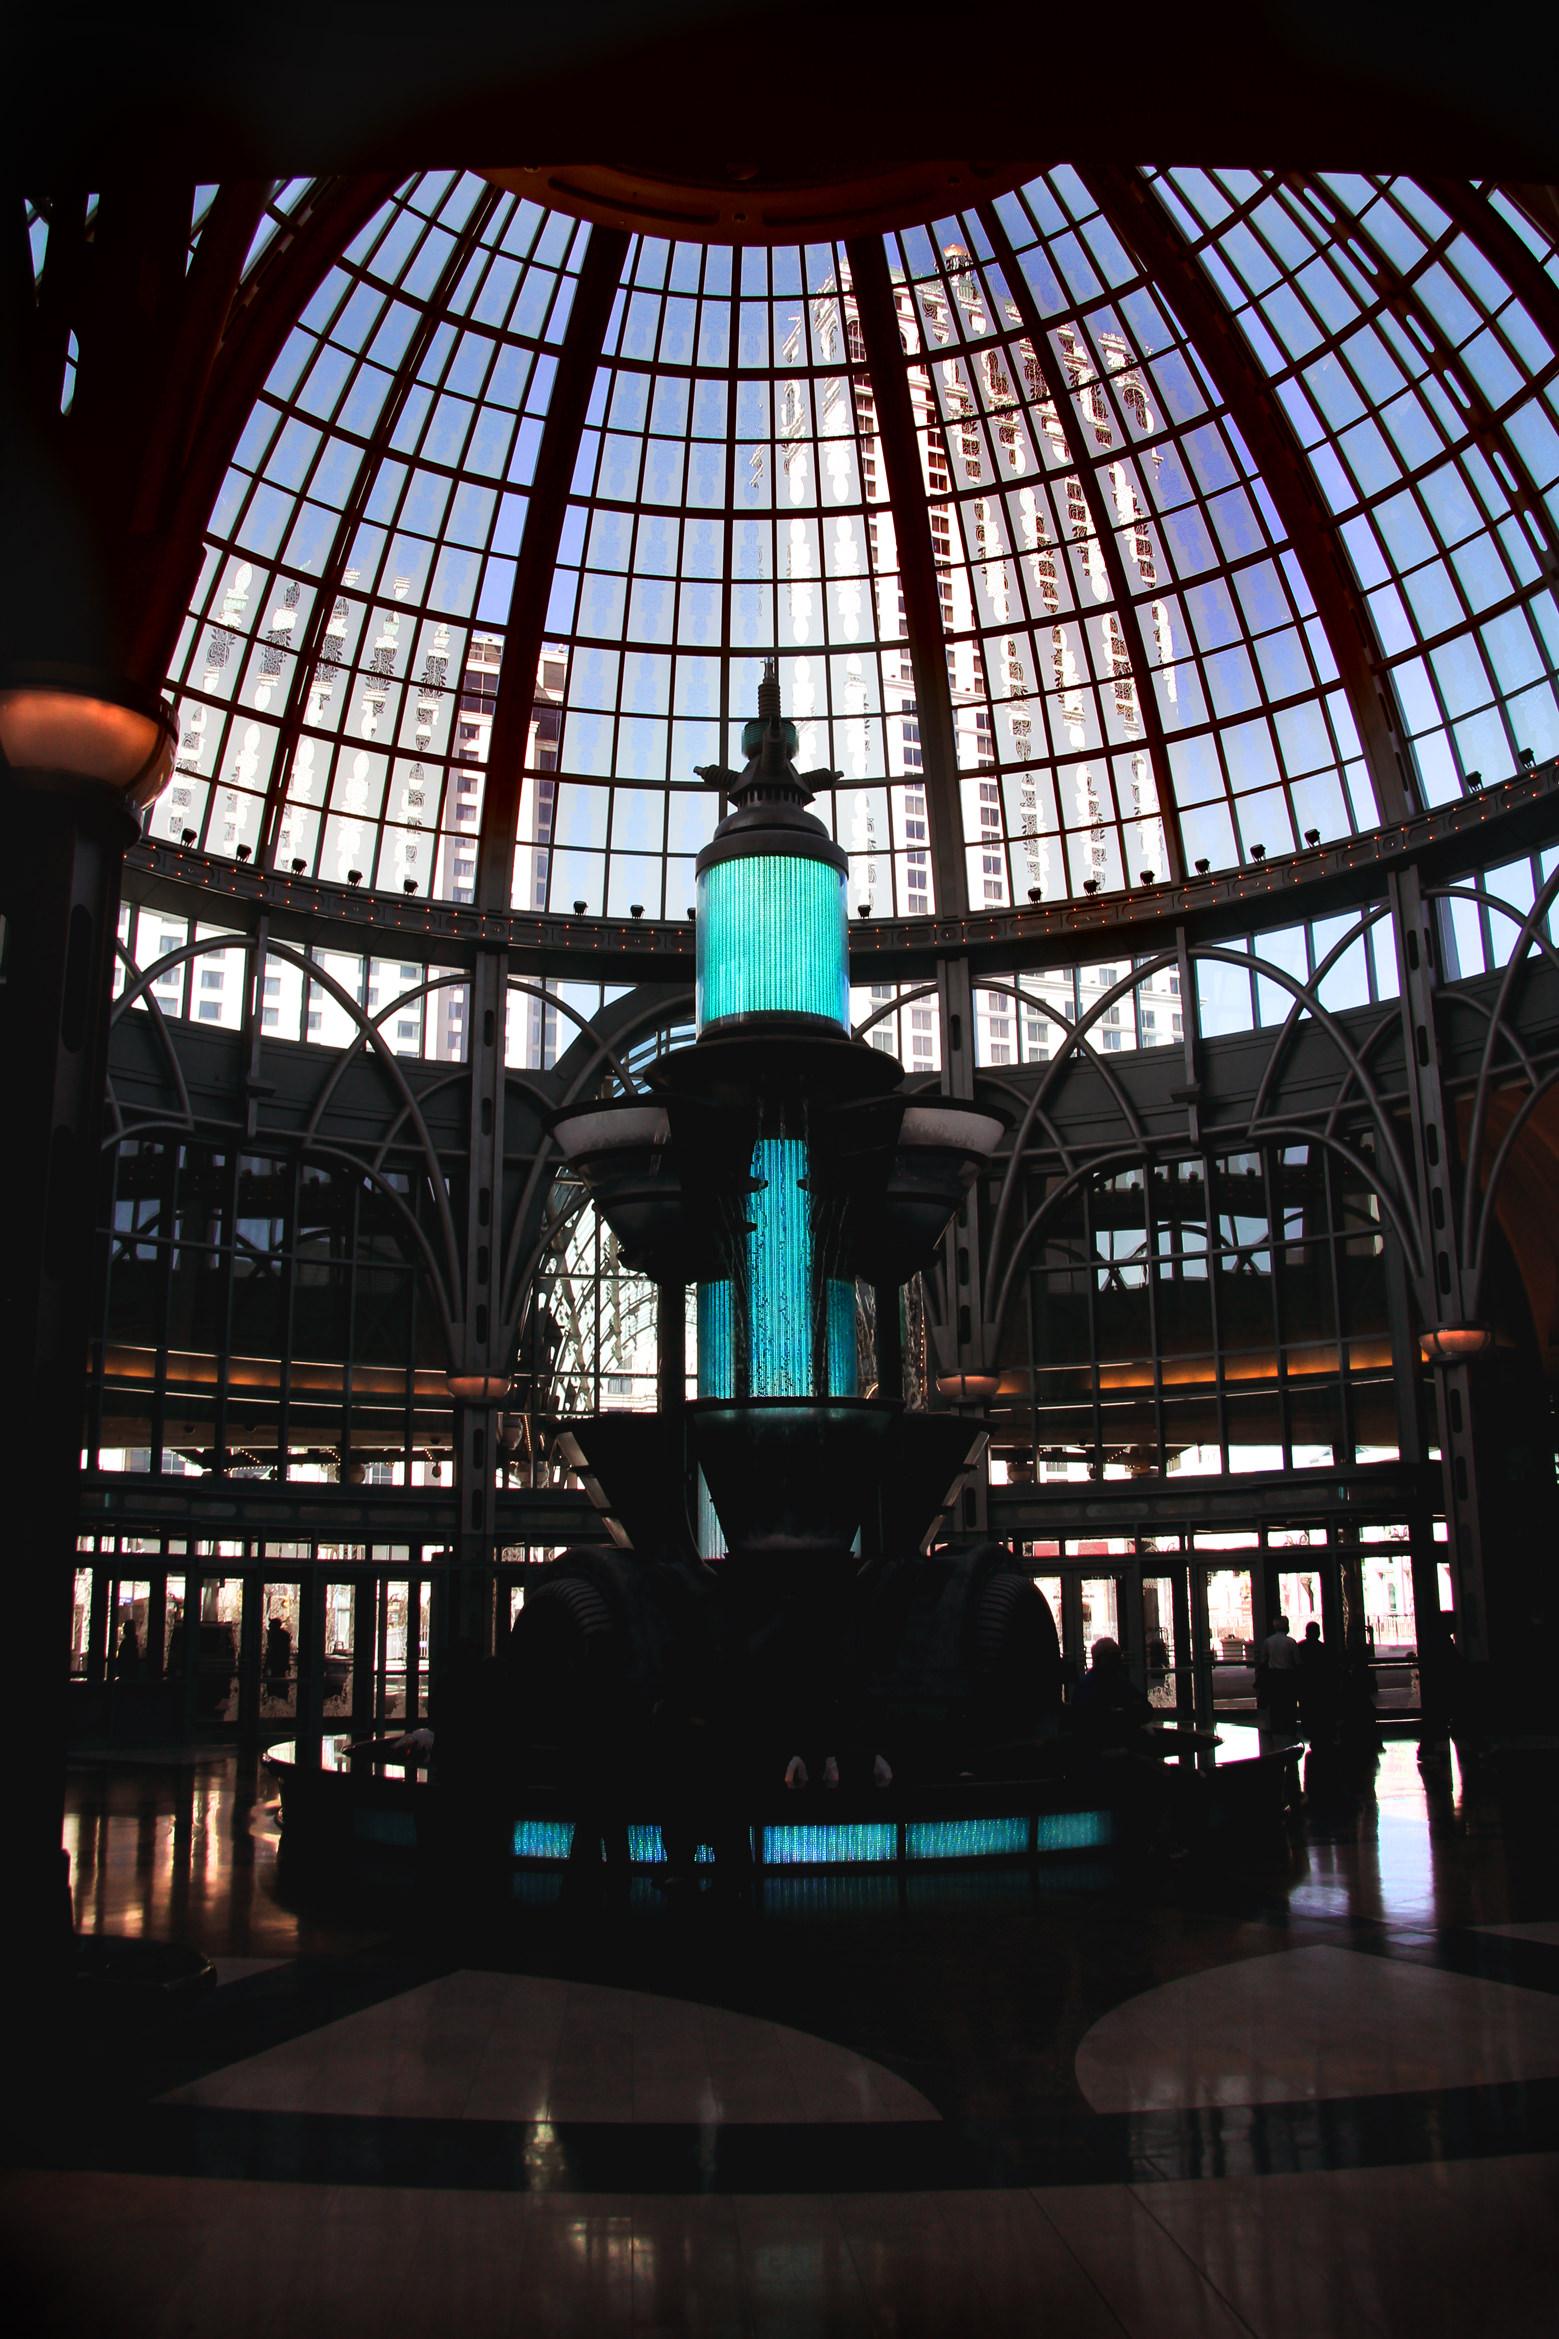 Fountain at Niagara Falls Casino - by Dennis Riebenstahl